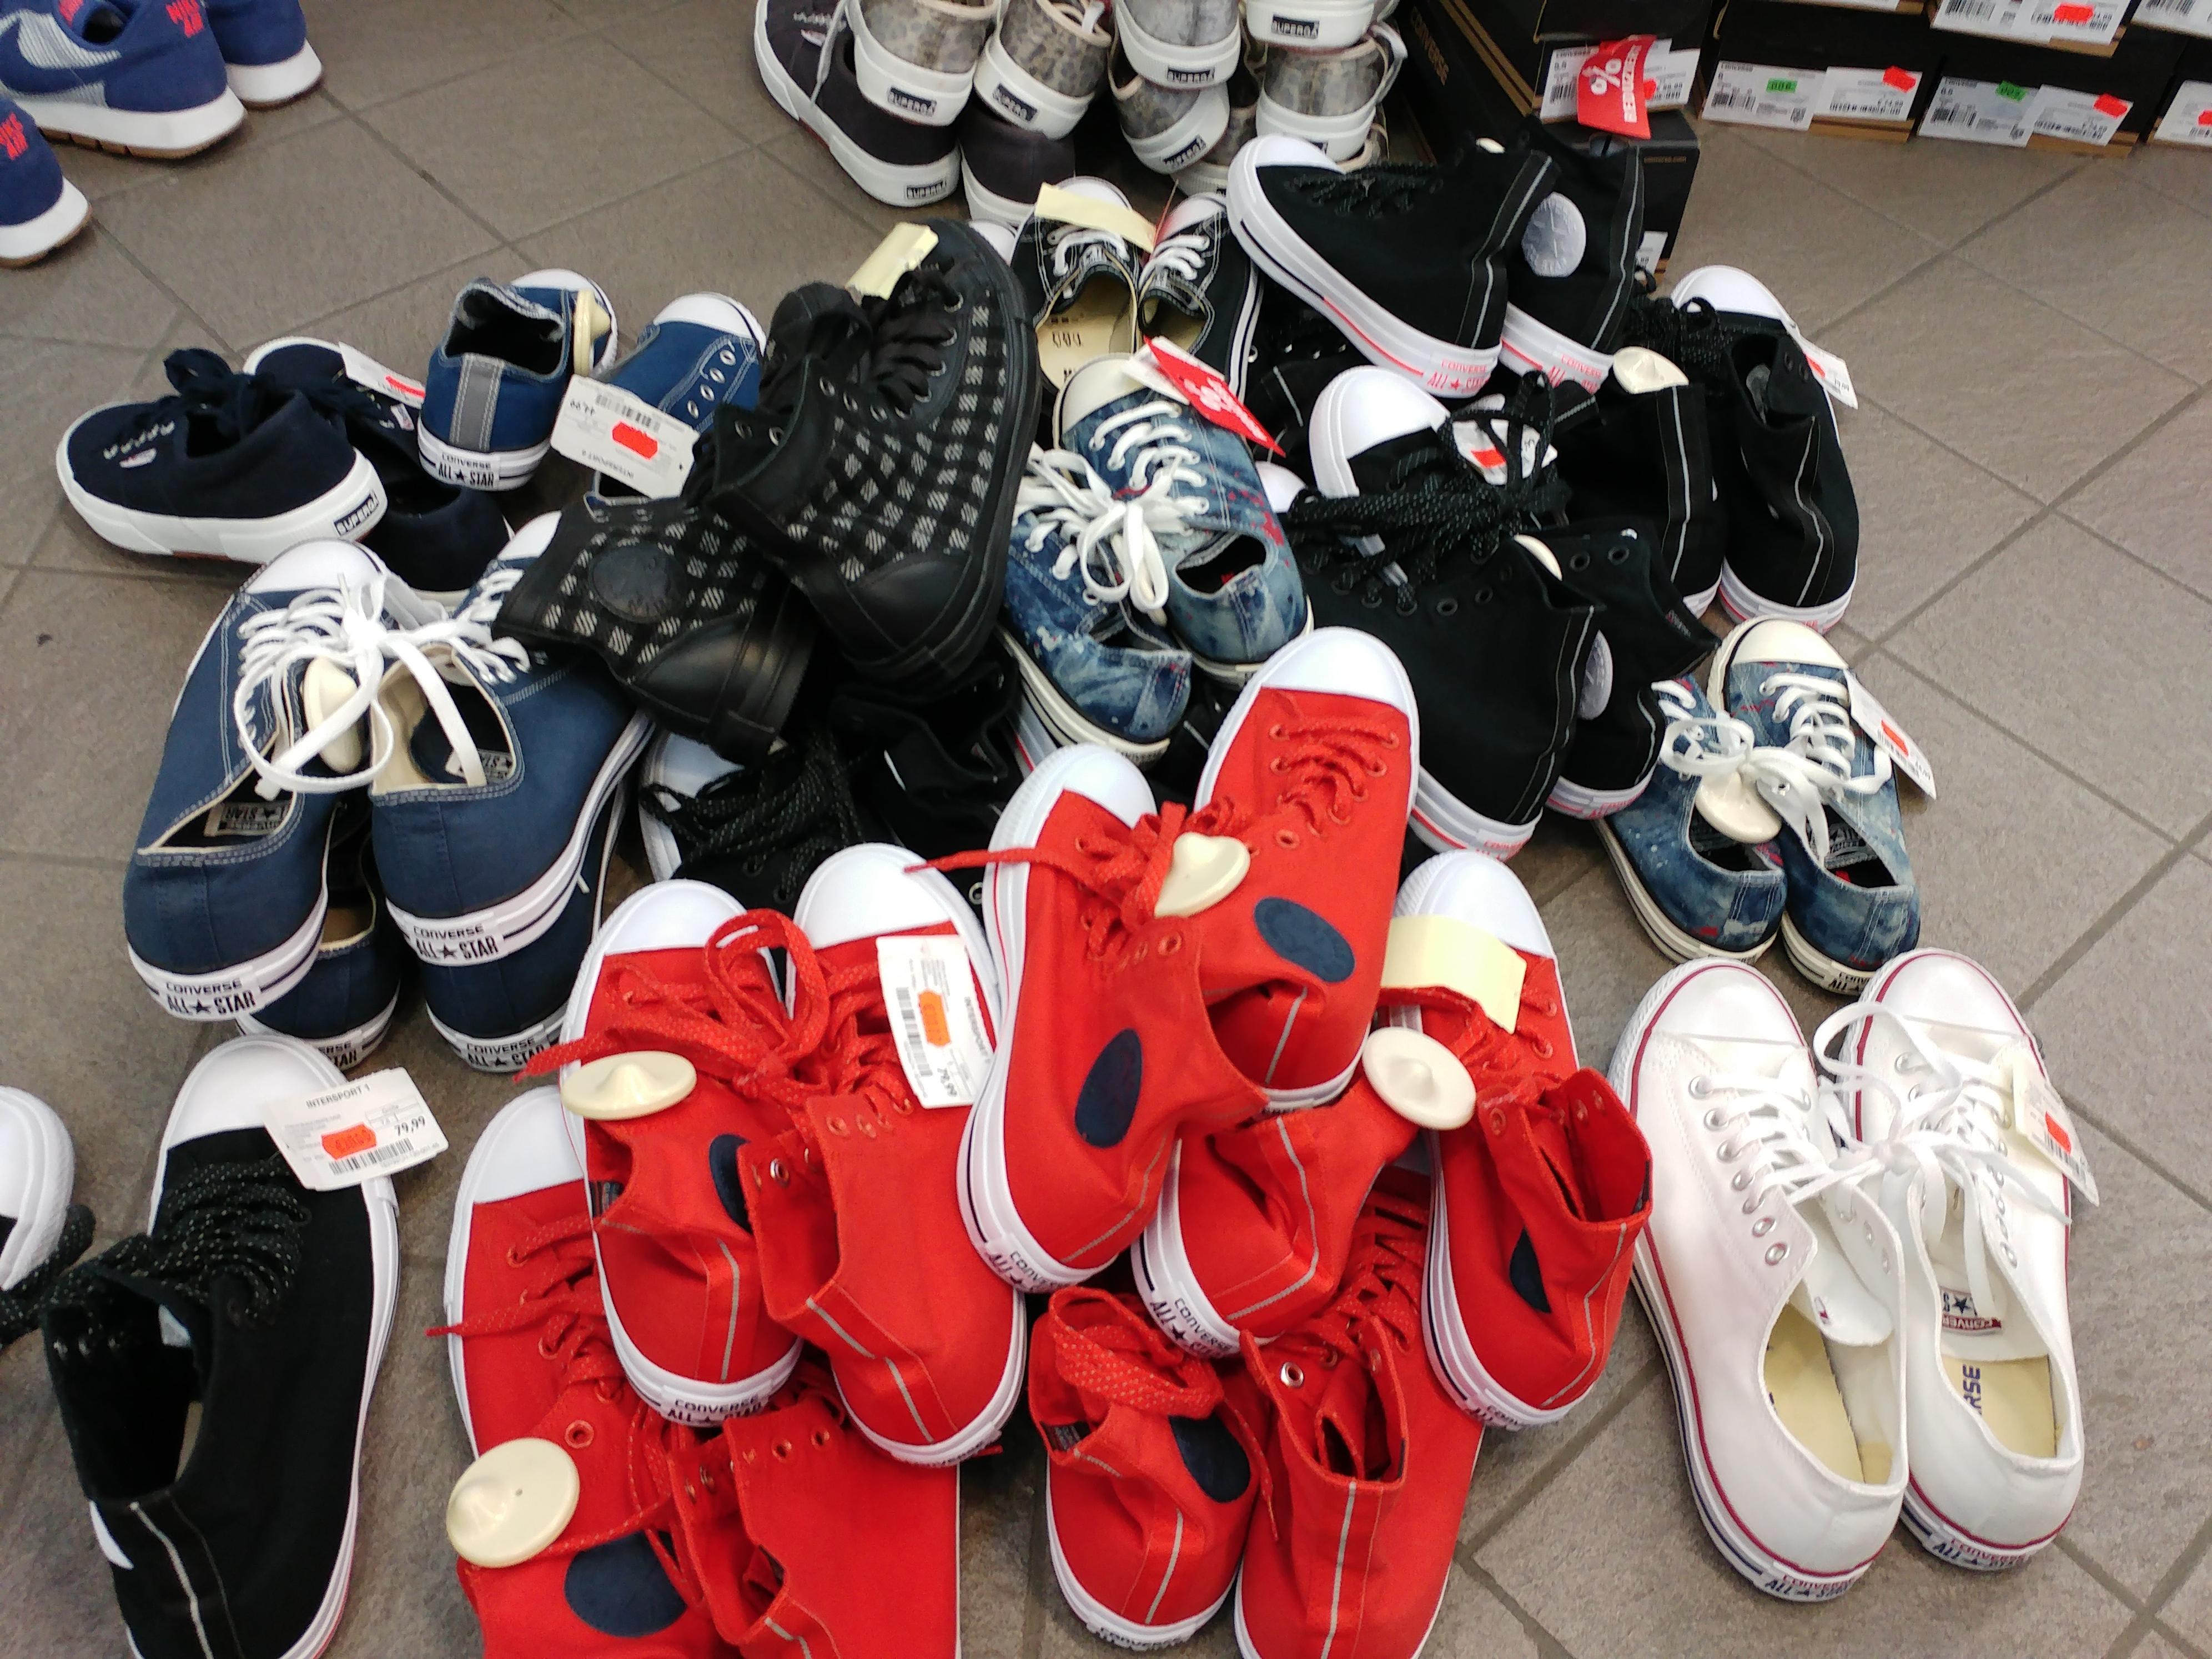 Converse All Star Chucks ab 20 Euro im City Center Schwäbisch Gmünd verschiedene Modelle